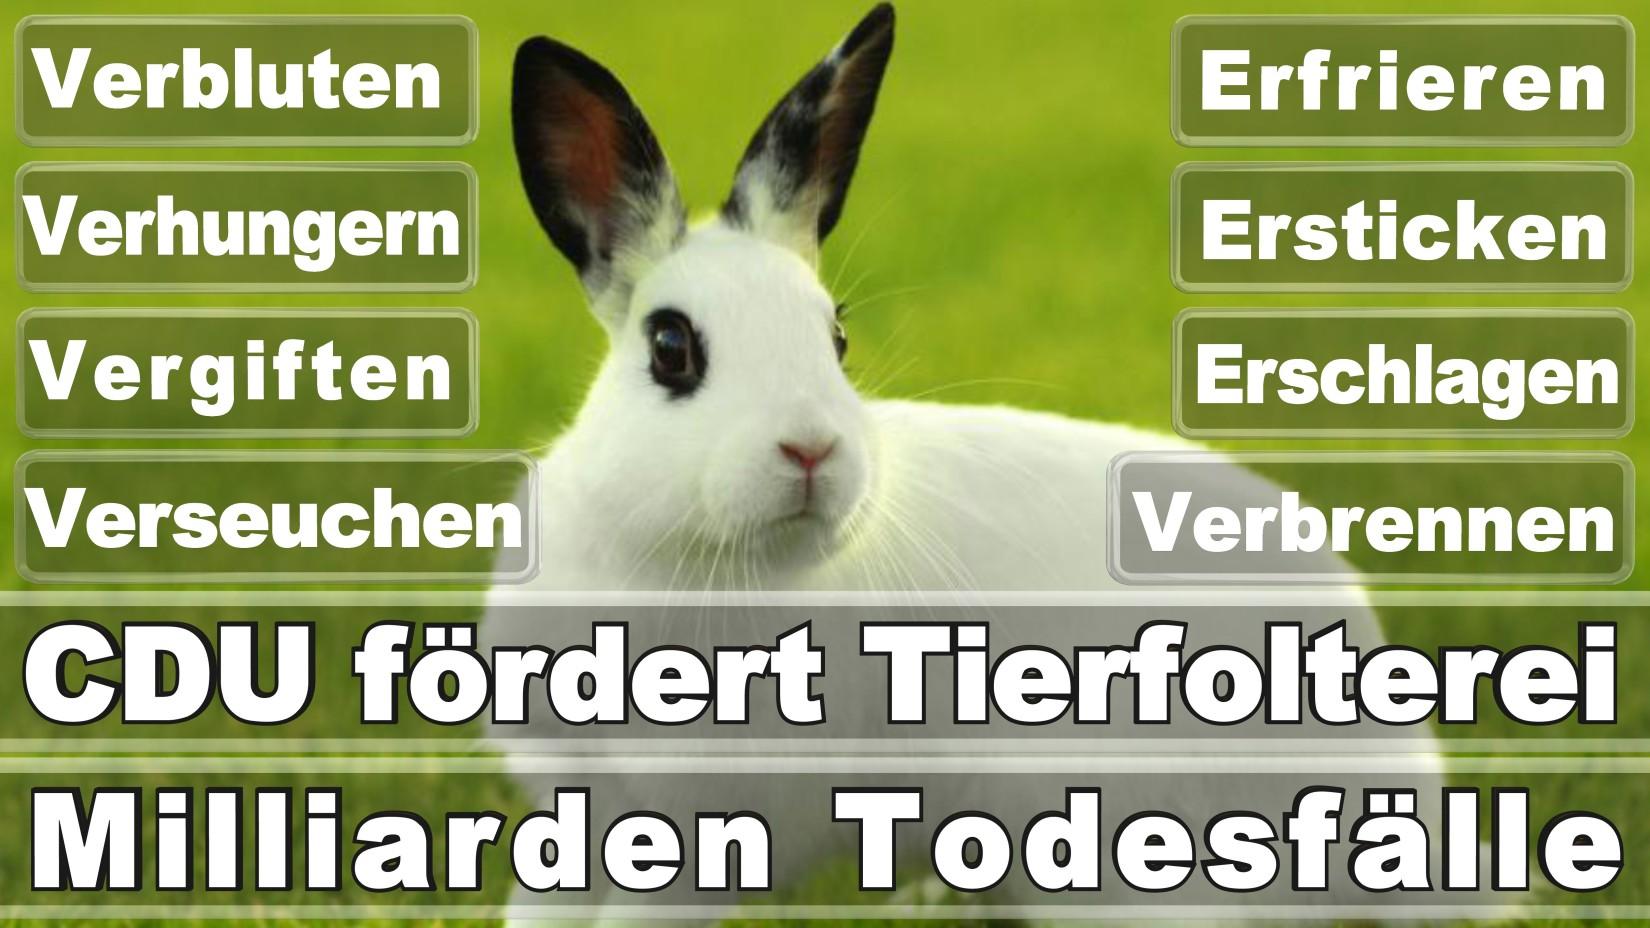 Bönemann, Astrid Hilden Friedrich Engels Straße Sozialdemokratische Partei Regierungsangestellte Deutschlands (SPD) Düsseldorf